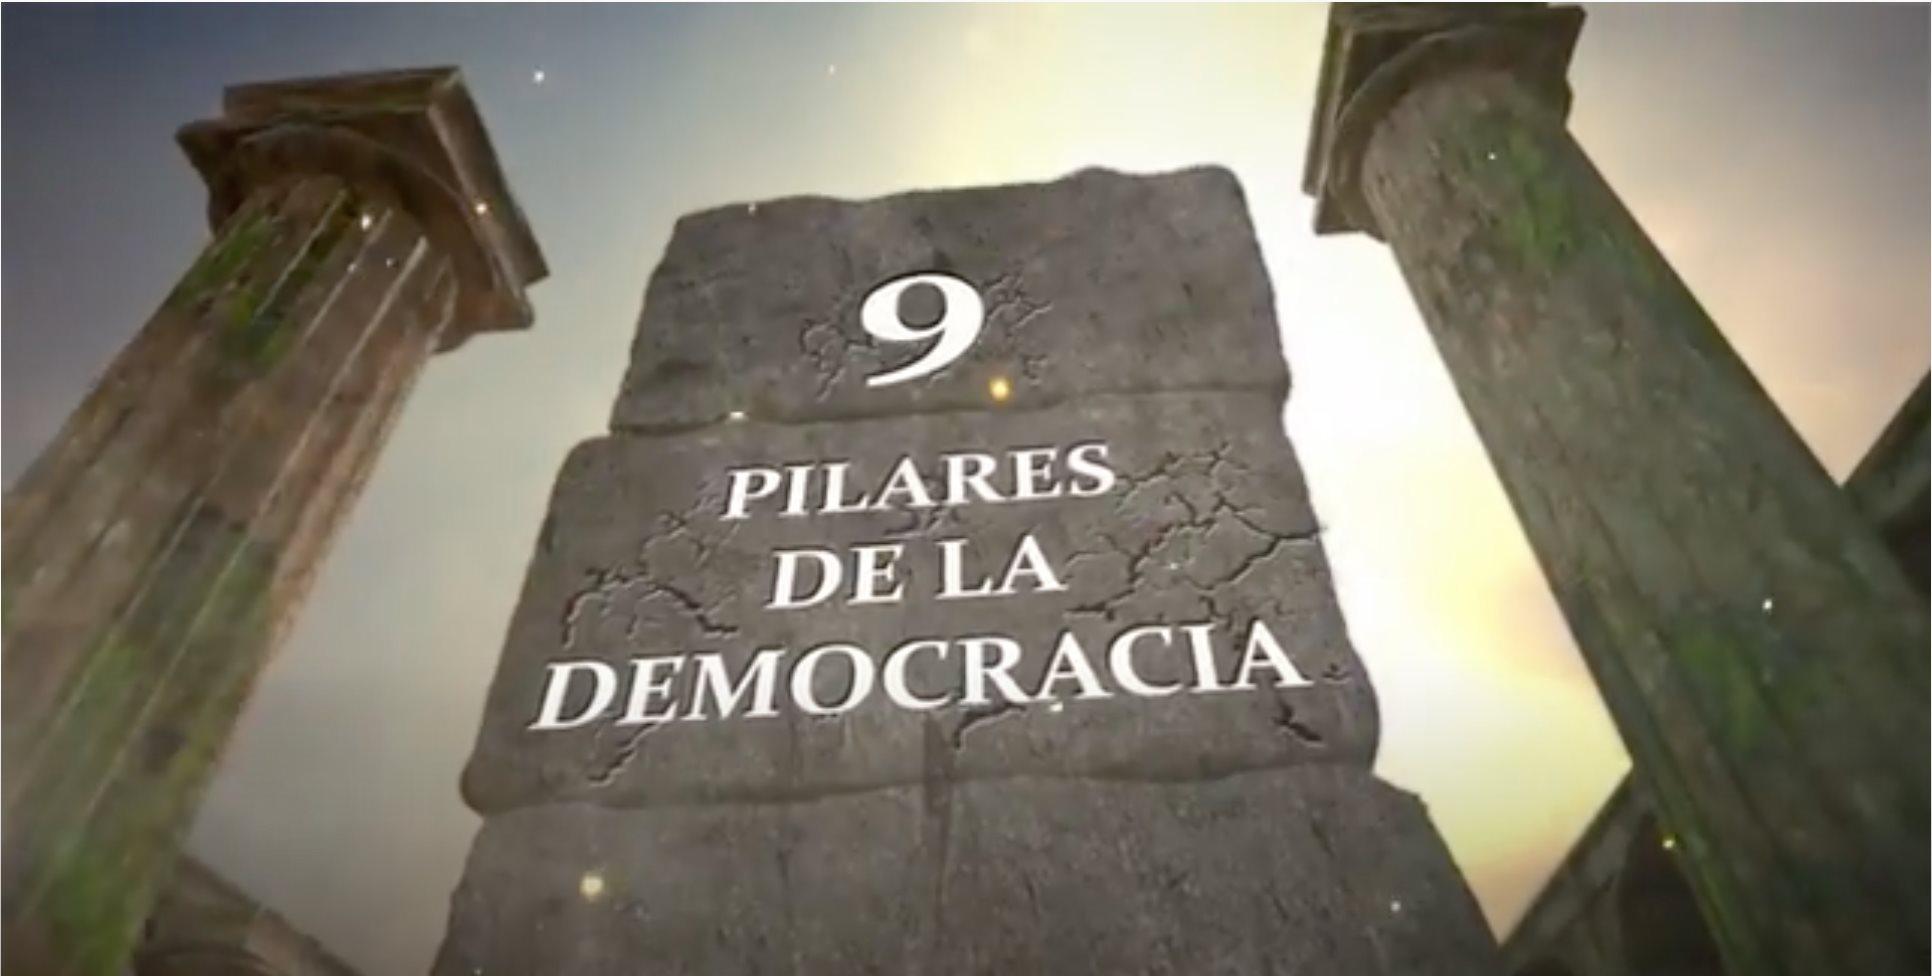 9 pilares de la democracia